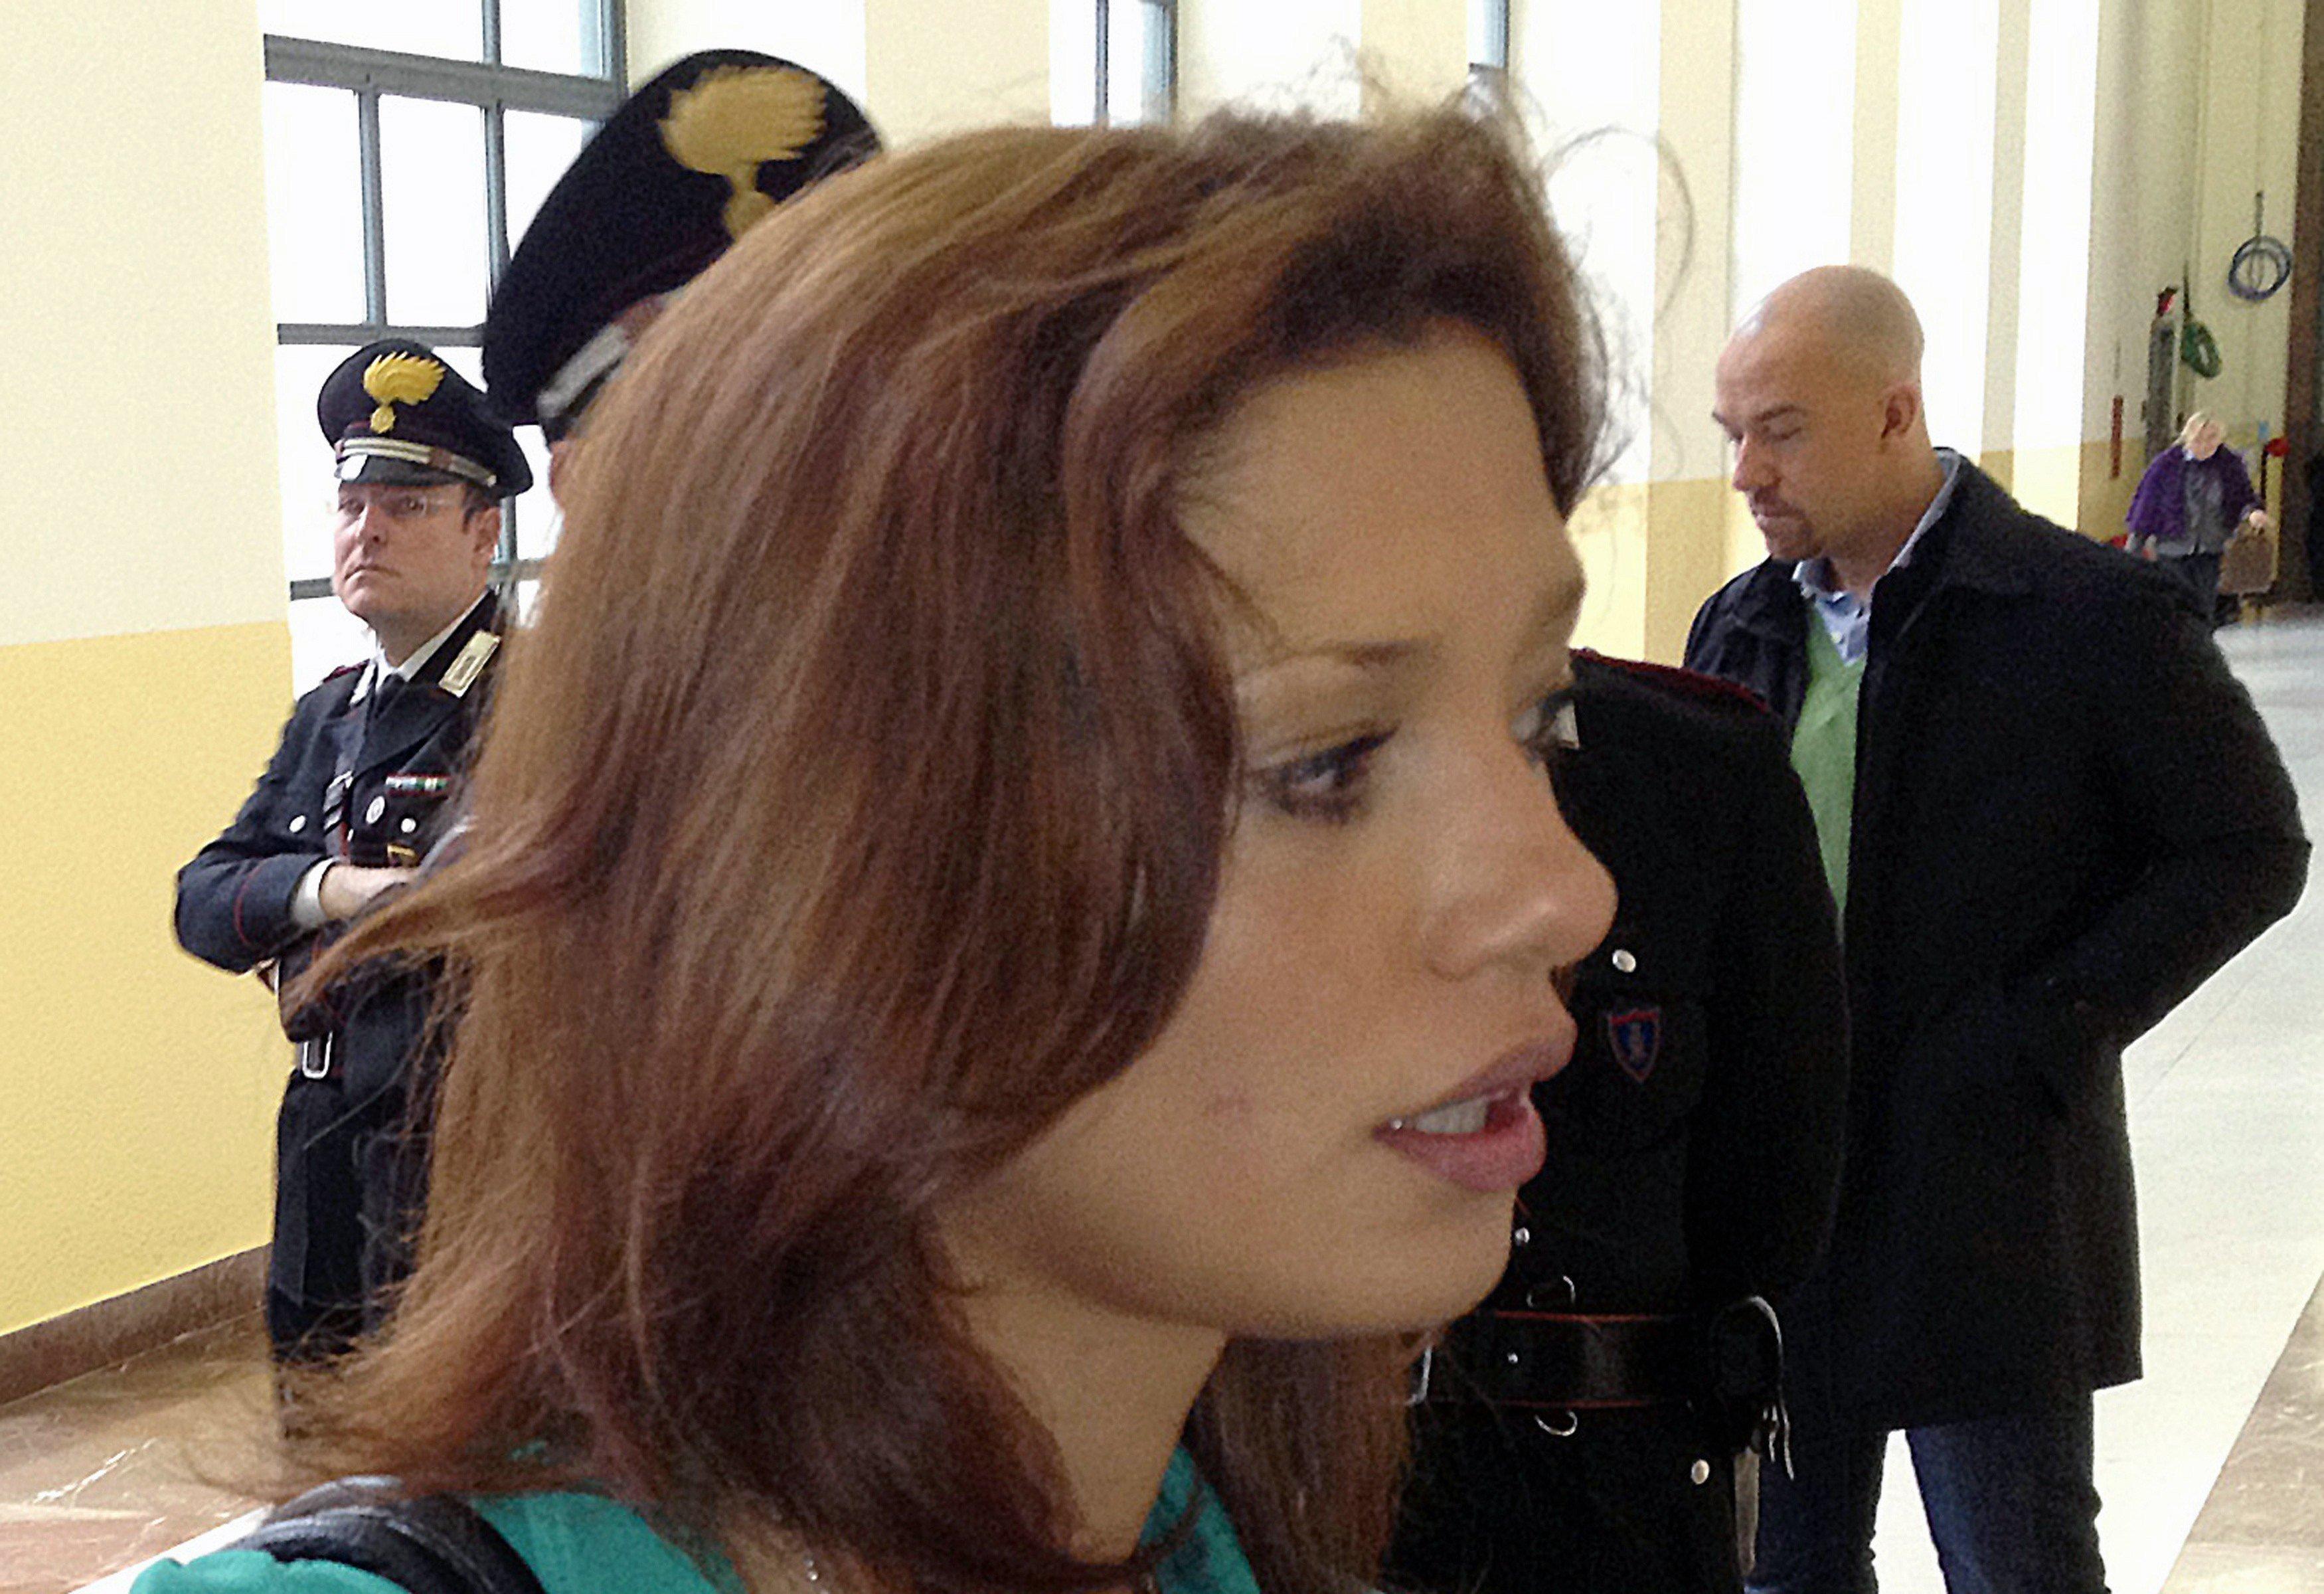 Italie: Les magistrats interdisent à quiconque de voir le corps d'Imane Fadil avant